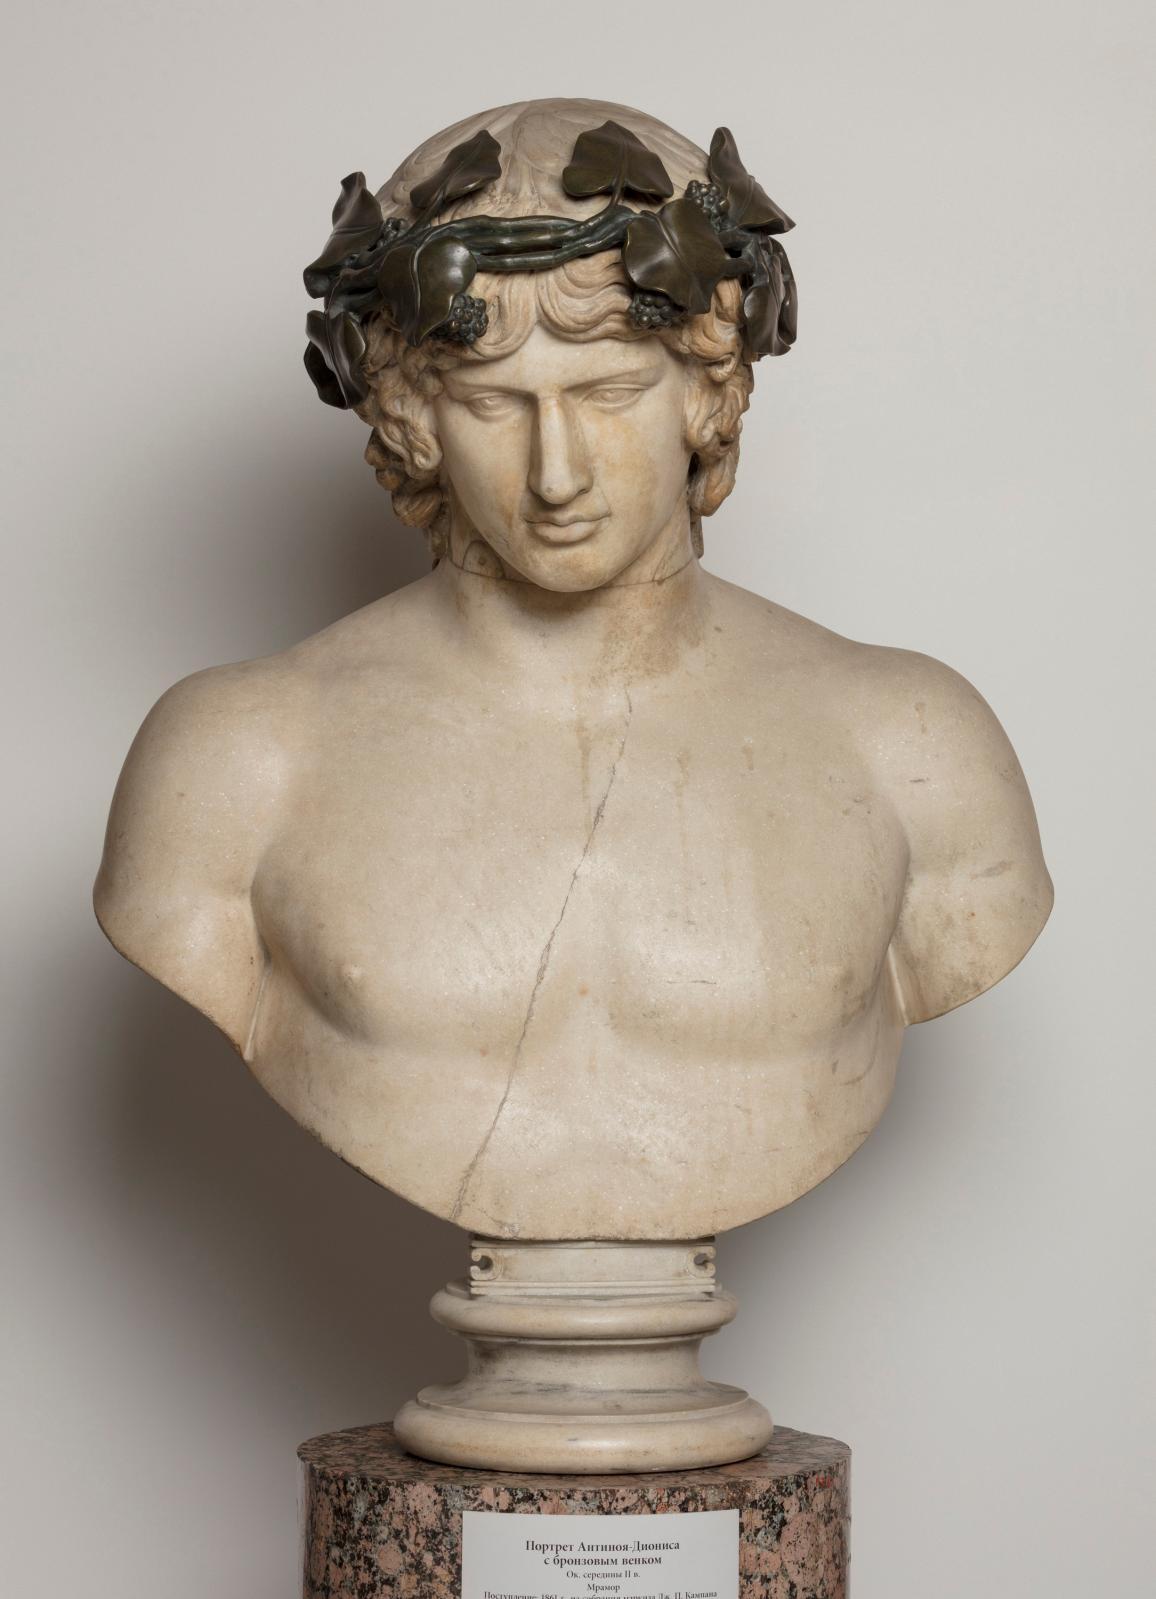 Buste d'Antinoüs, Rome, marbre, Saint-Pétersbourg, musée de l'Ermitage.